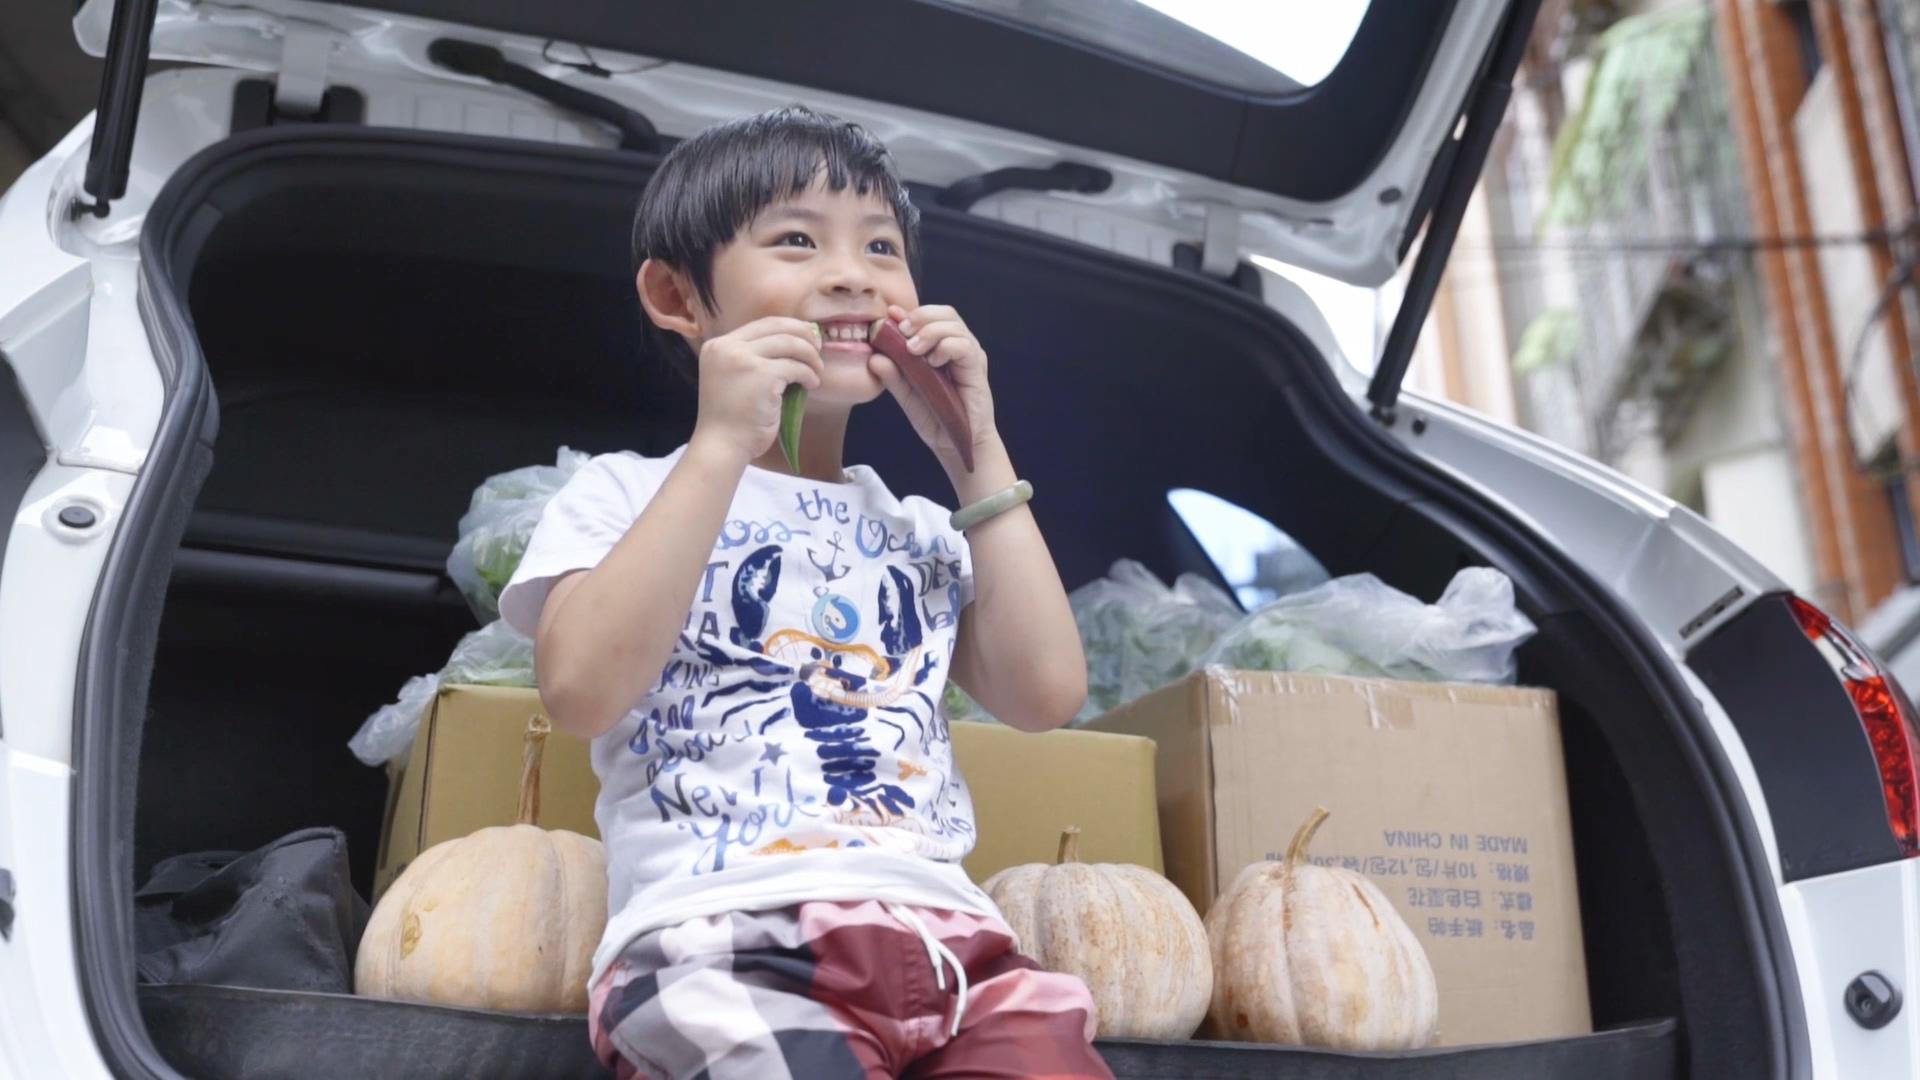 邱于恩在裝滿有機蔬菜的後車廂,調皮地拿著阿公種的秋葵做鬼臉